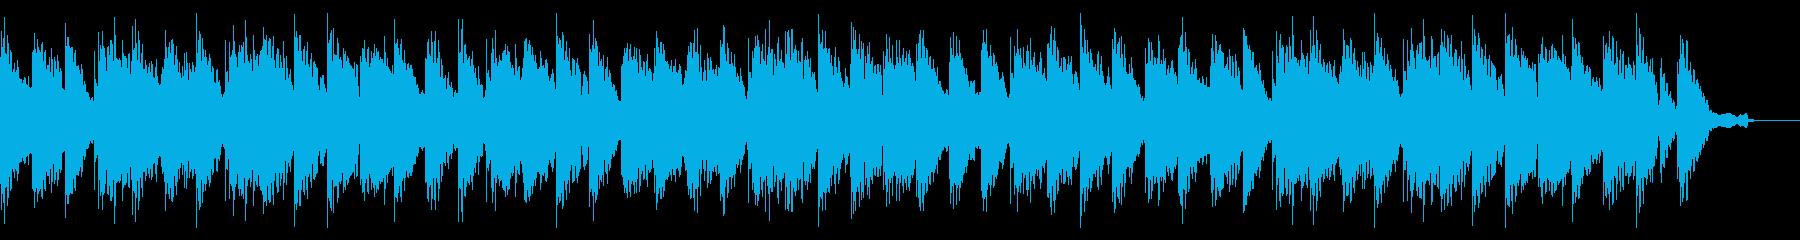 エンディング感のある切ないメロディーの曲の再生済みの波形